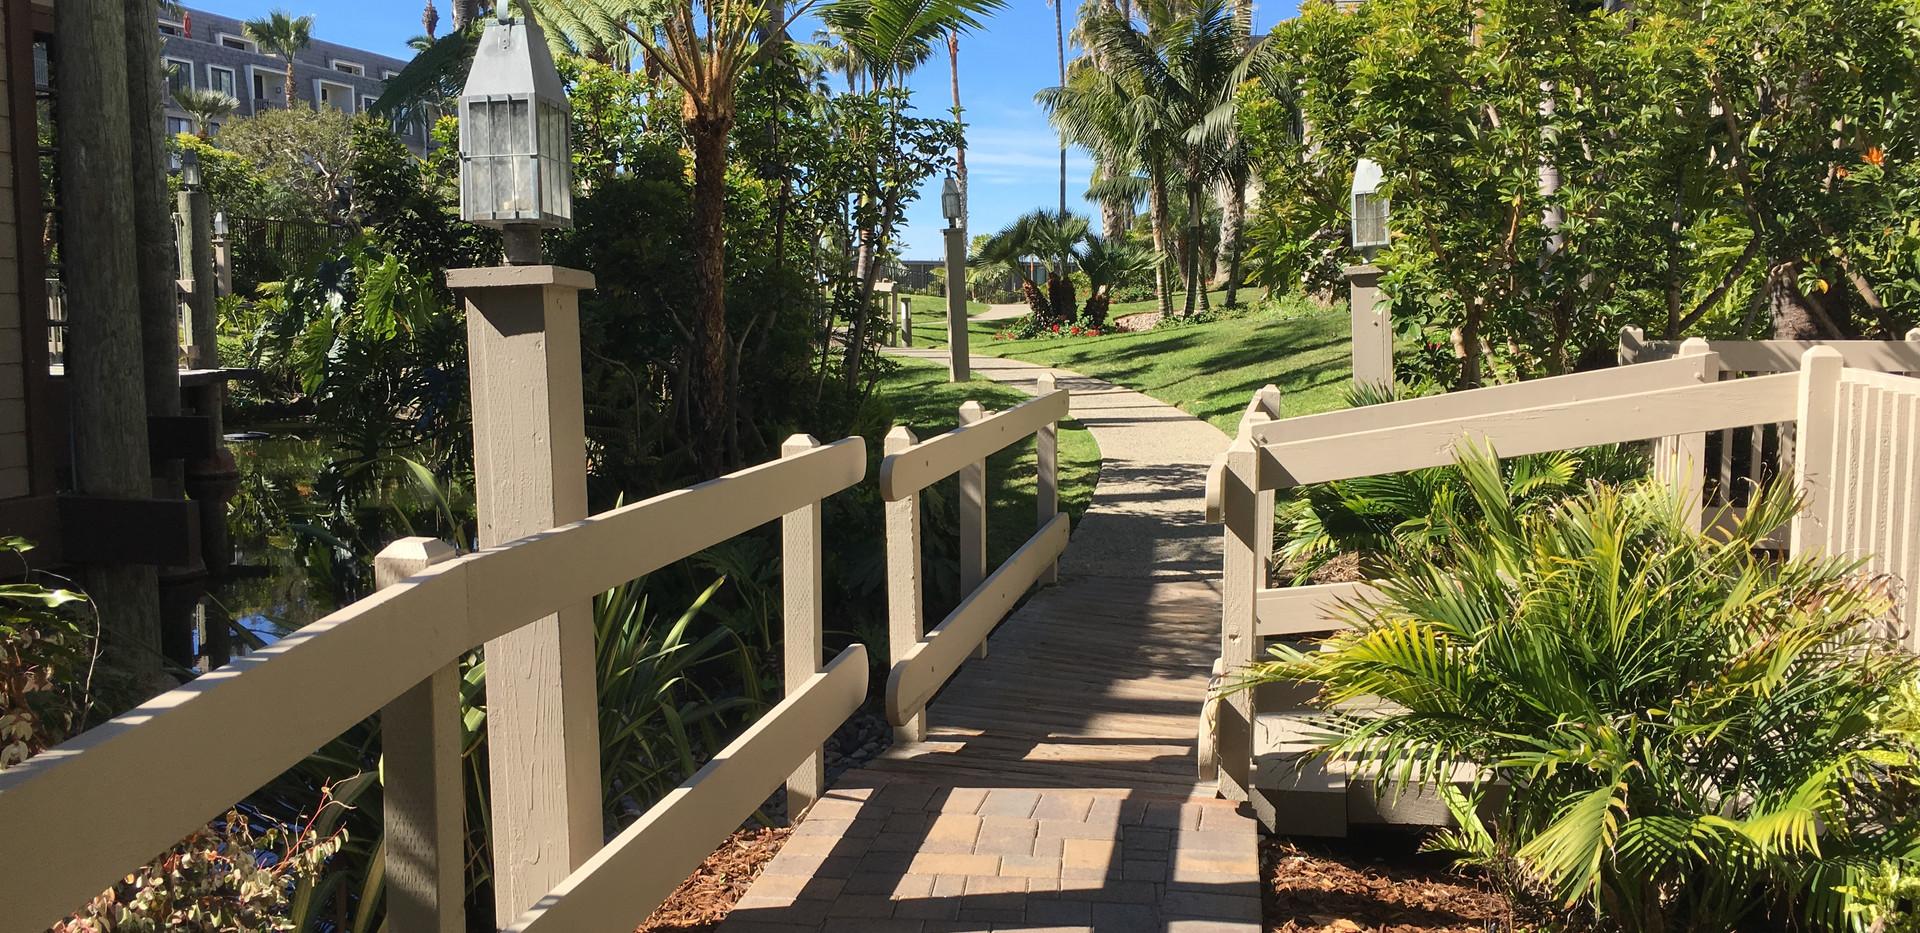 Walkways, ocean in foreground